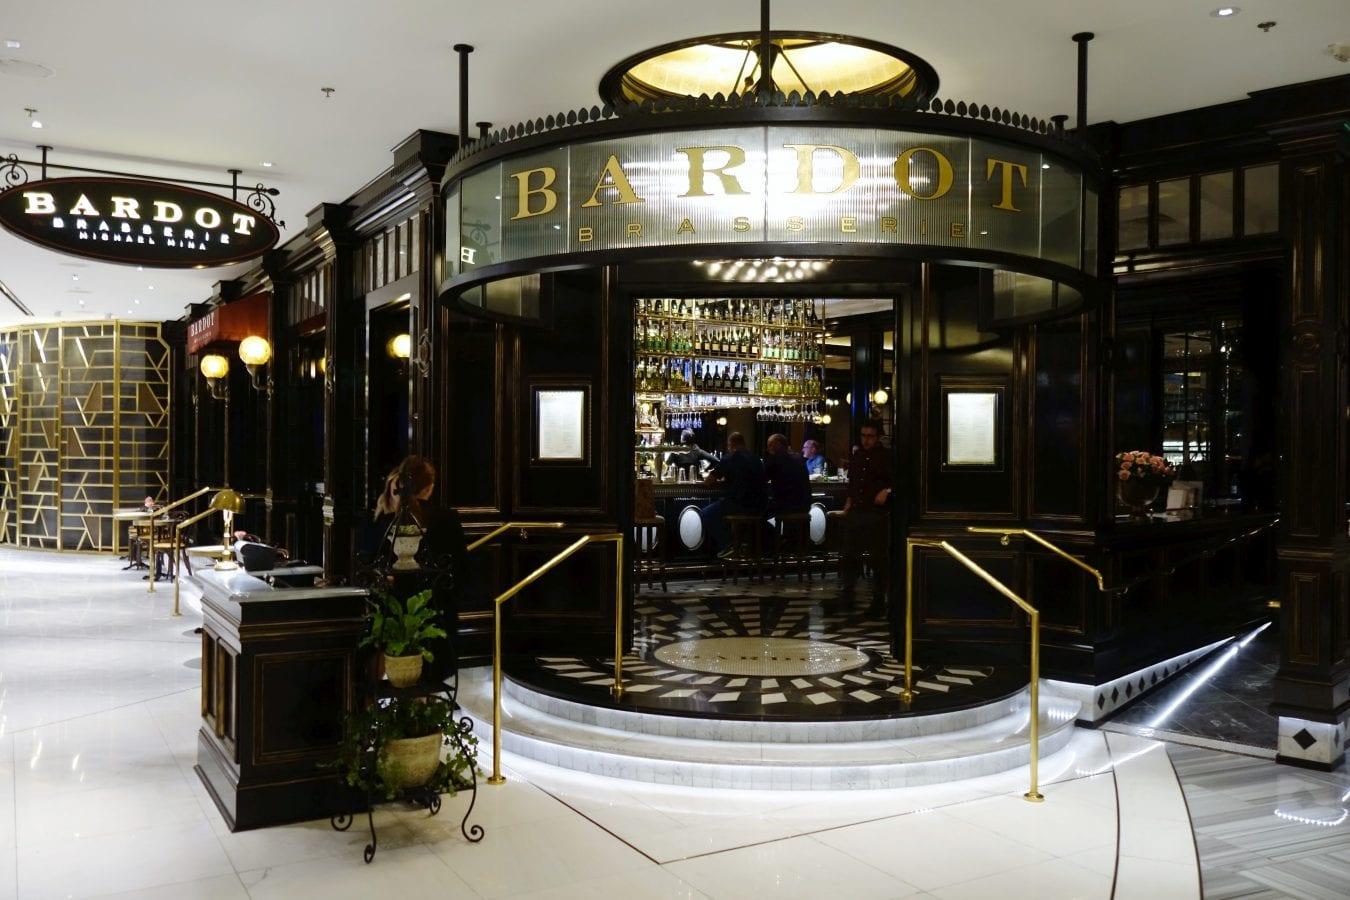 DB Brasserie - The Venetian - Las Vegas, NV on OpenTable